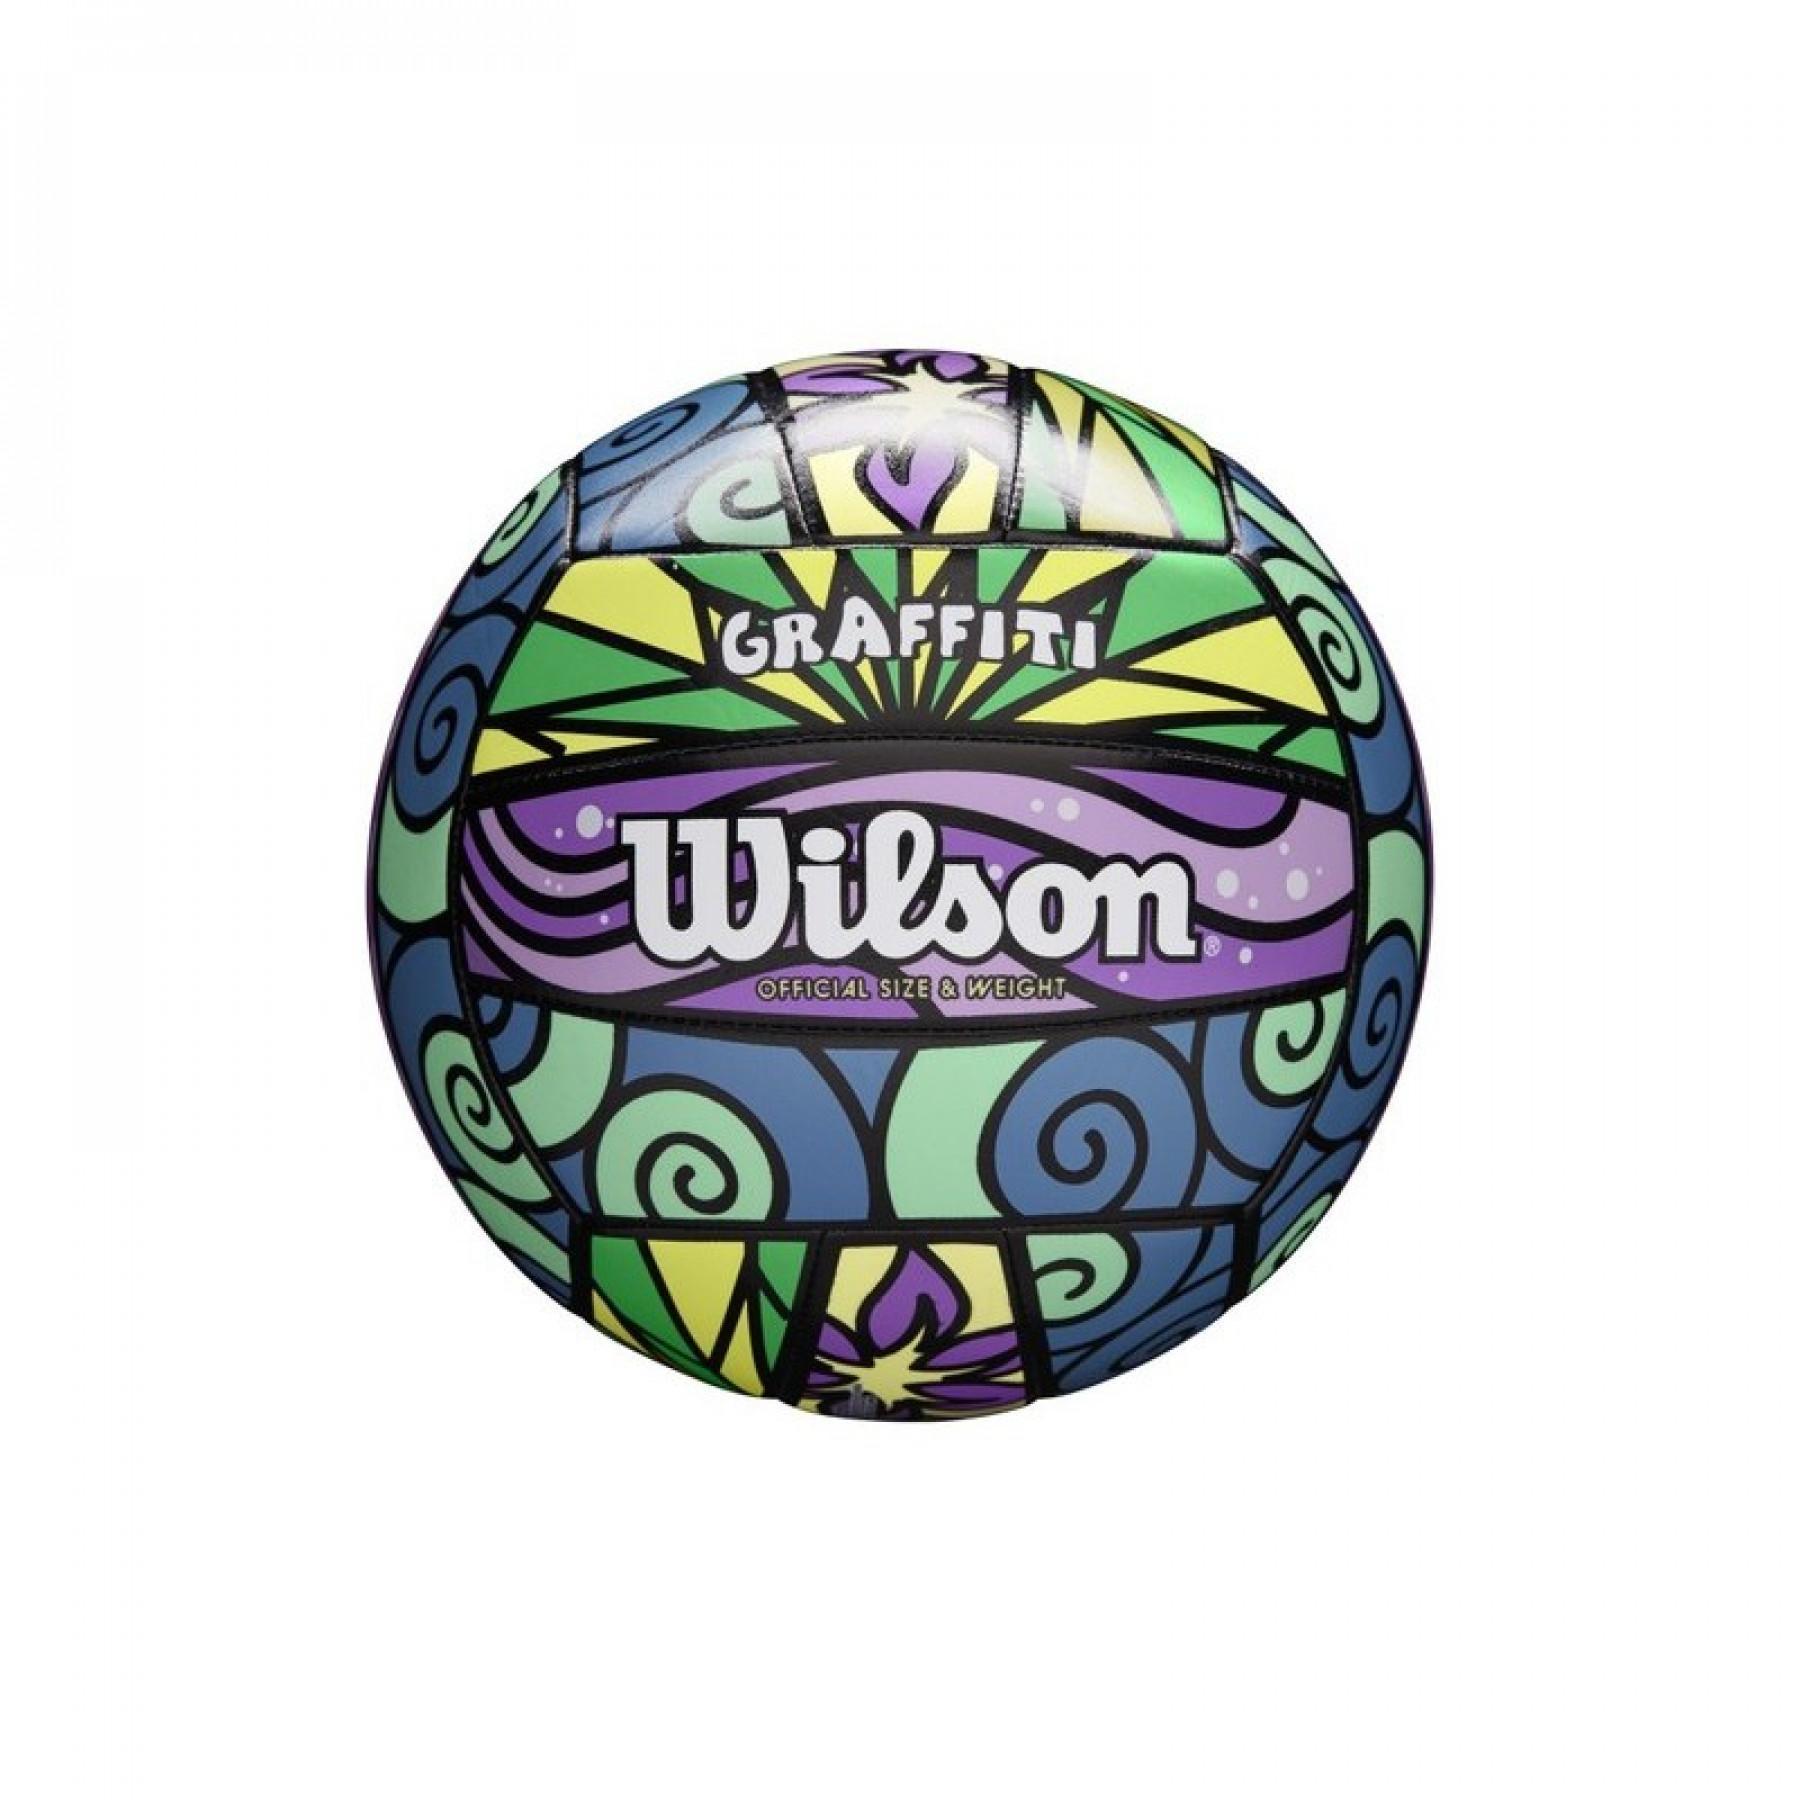 Wilson Beach-Volley Ball Graffiti